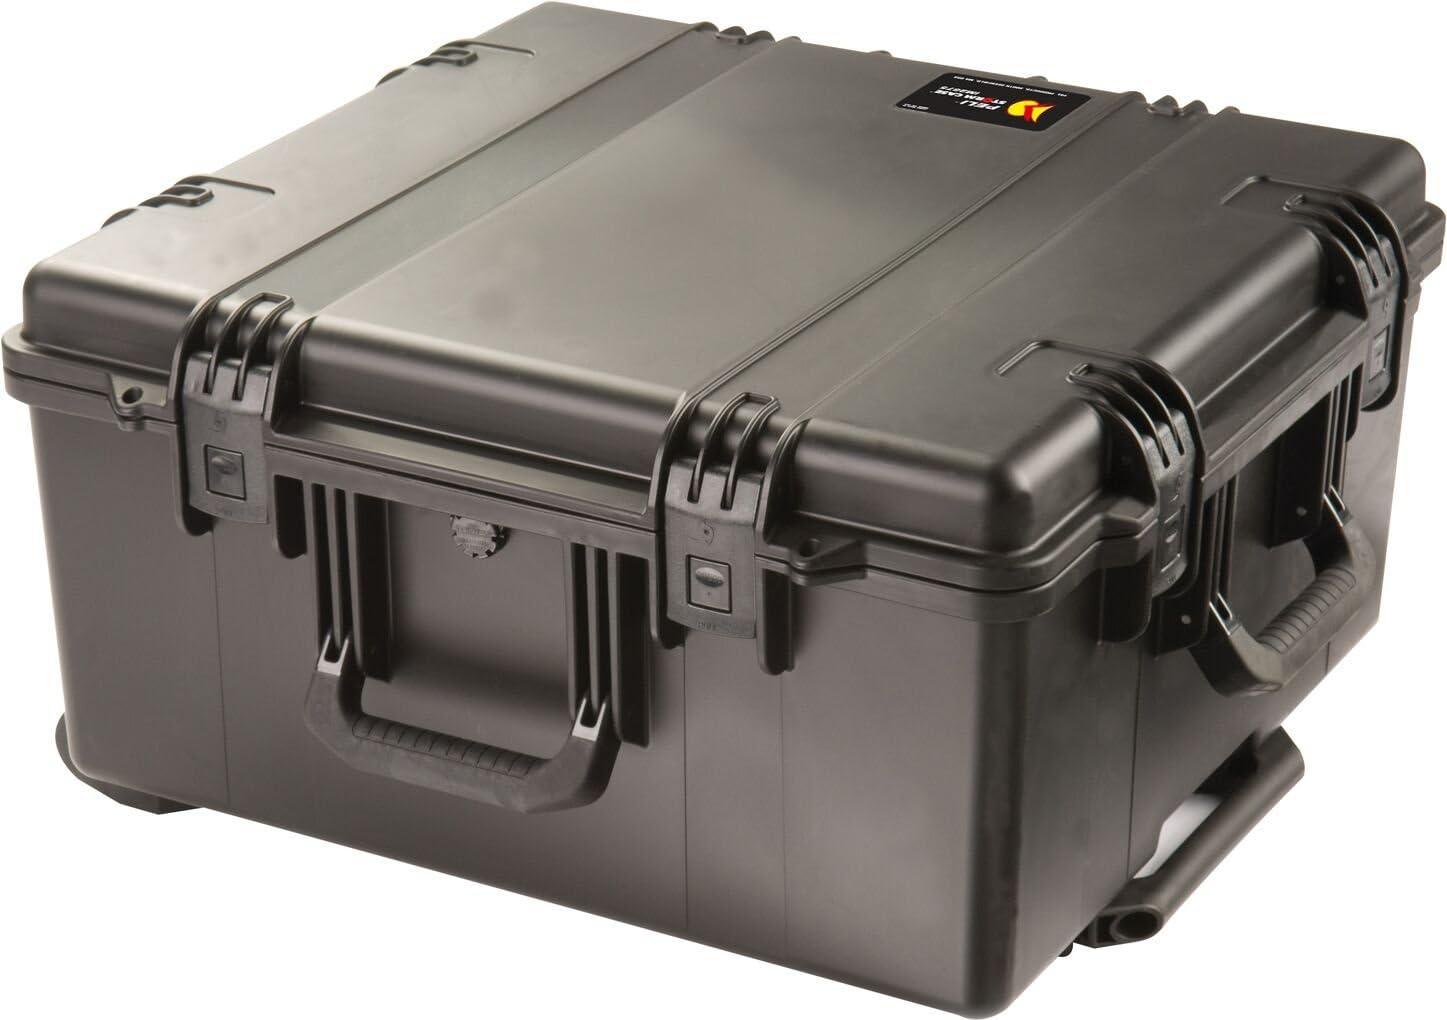 PELI Storm IM2875 Maleta Trolley Resistente al Agua y los Impactos para cámaras y Drones, Resistente al Agua y al Polvo, 89L de Capacidad, Fabricada en EE.UU, con Espuma Personalizable, Color Negro